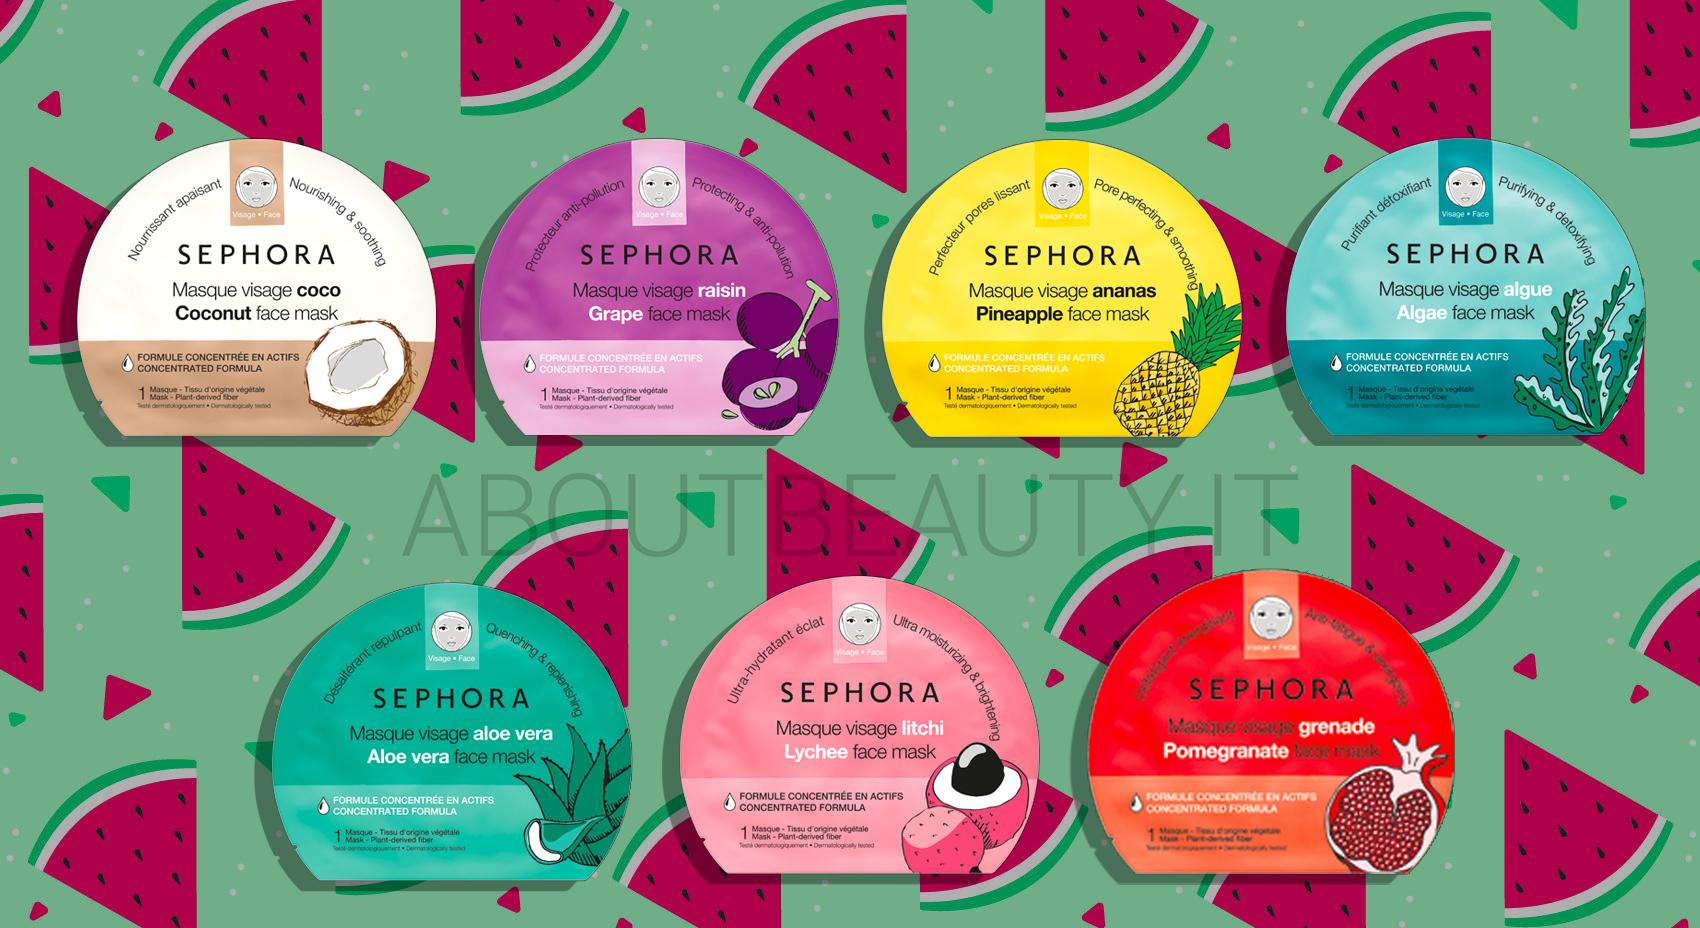 Pulizia del viso a casa con le novità Sephora Collection Skincare Estate 2018: maschere viso - Review, recensione, opinioni, info, prezzo, dove acquistare